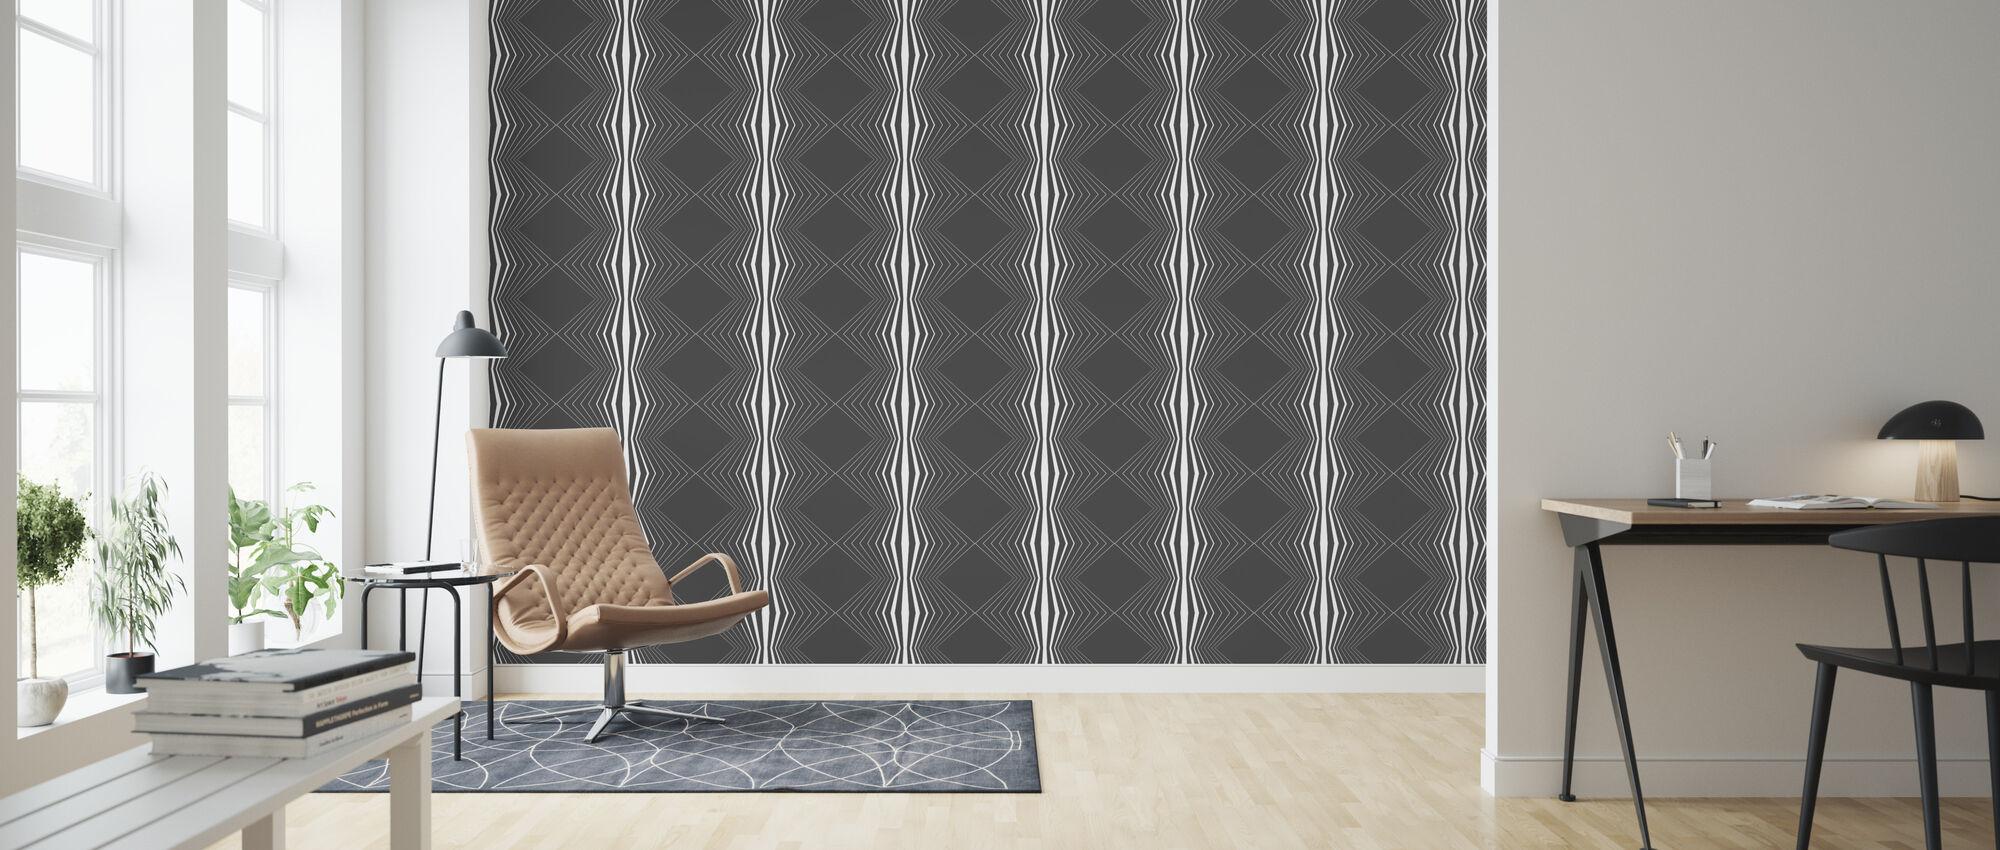 Zhape - White - Wallpaper - Living Room